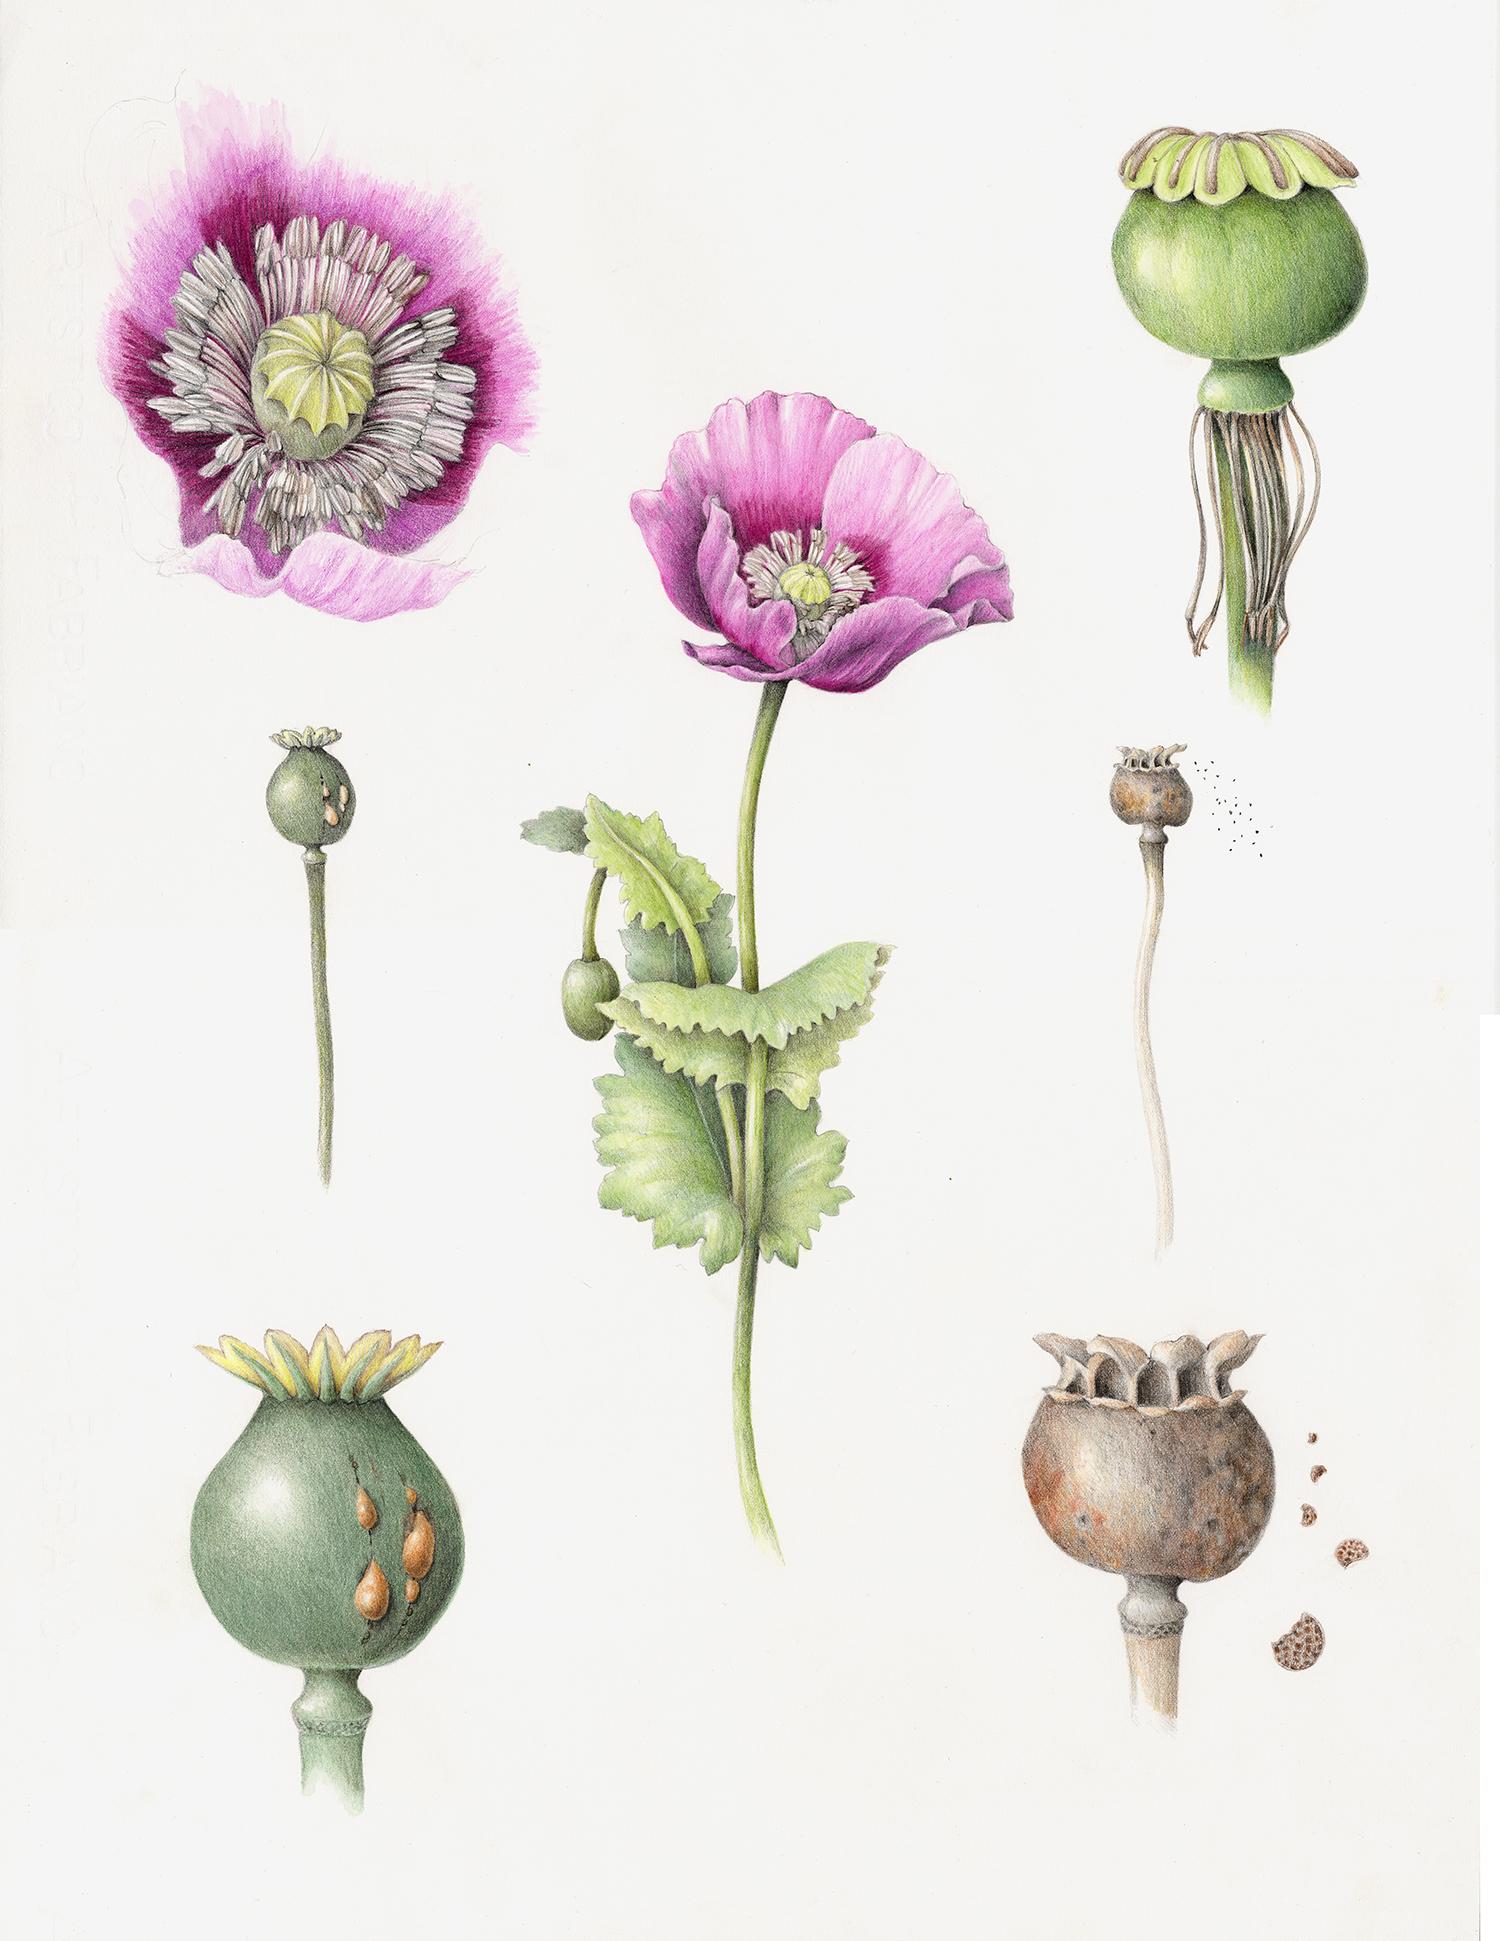 Poppy - Papaver somniferum